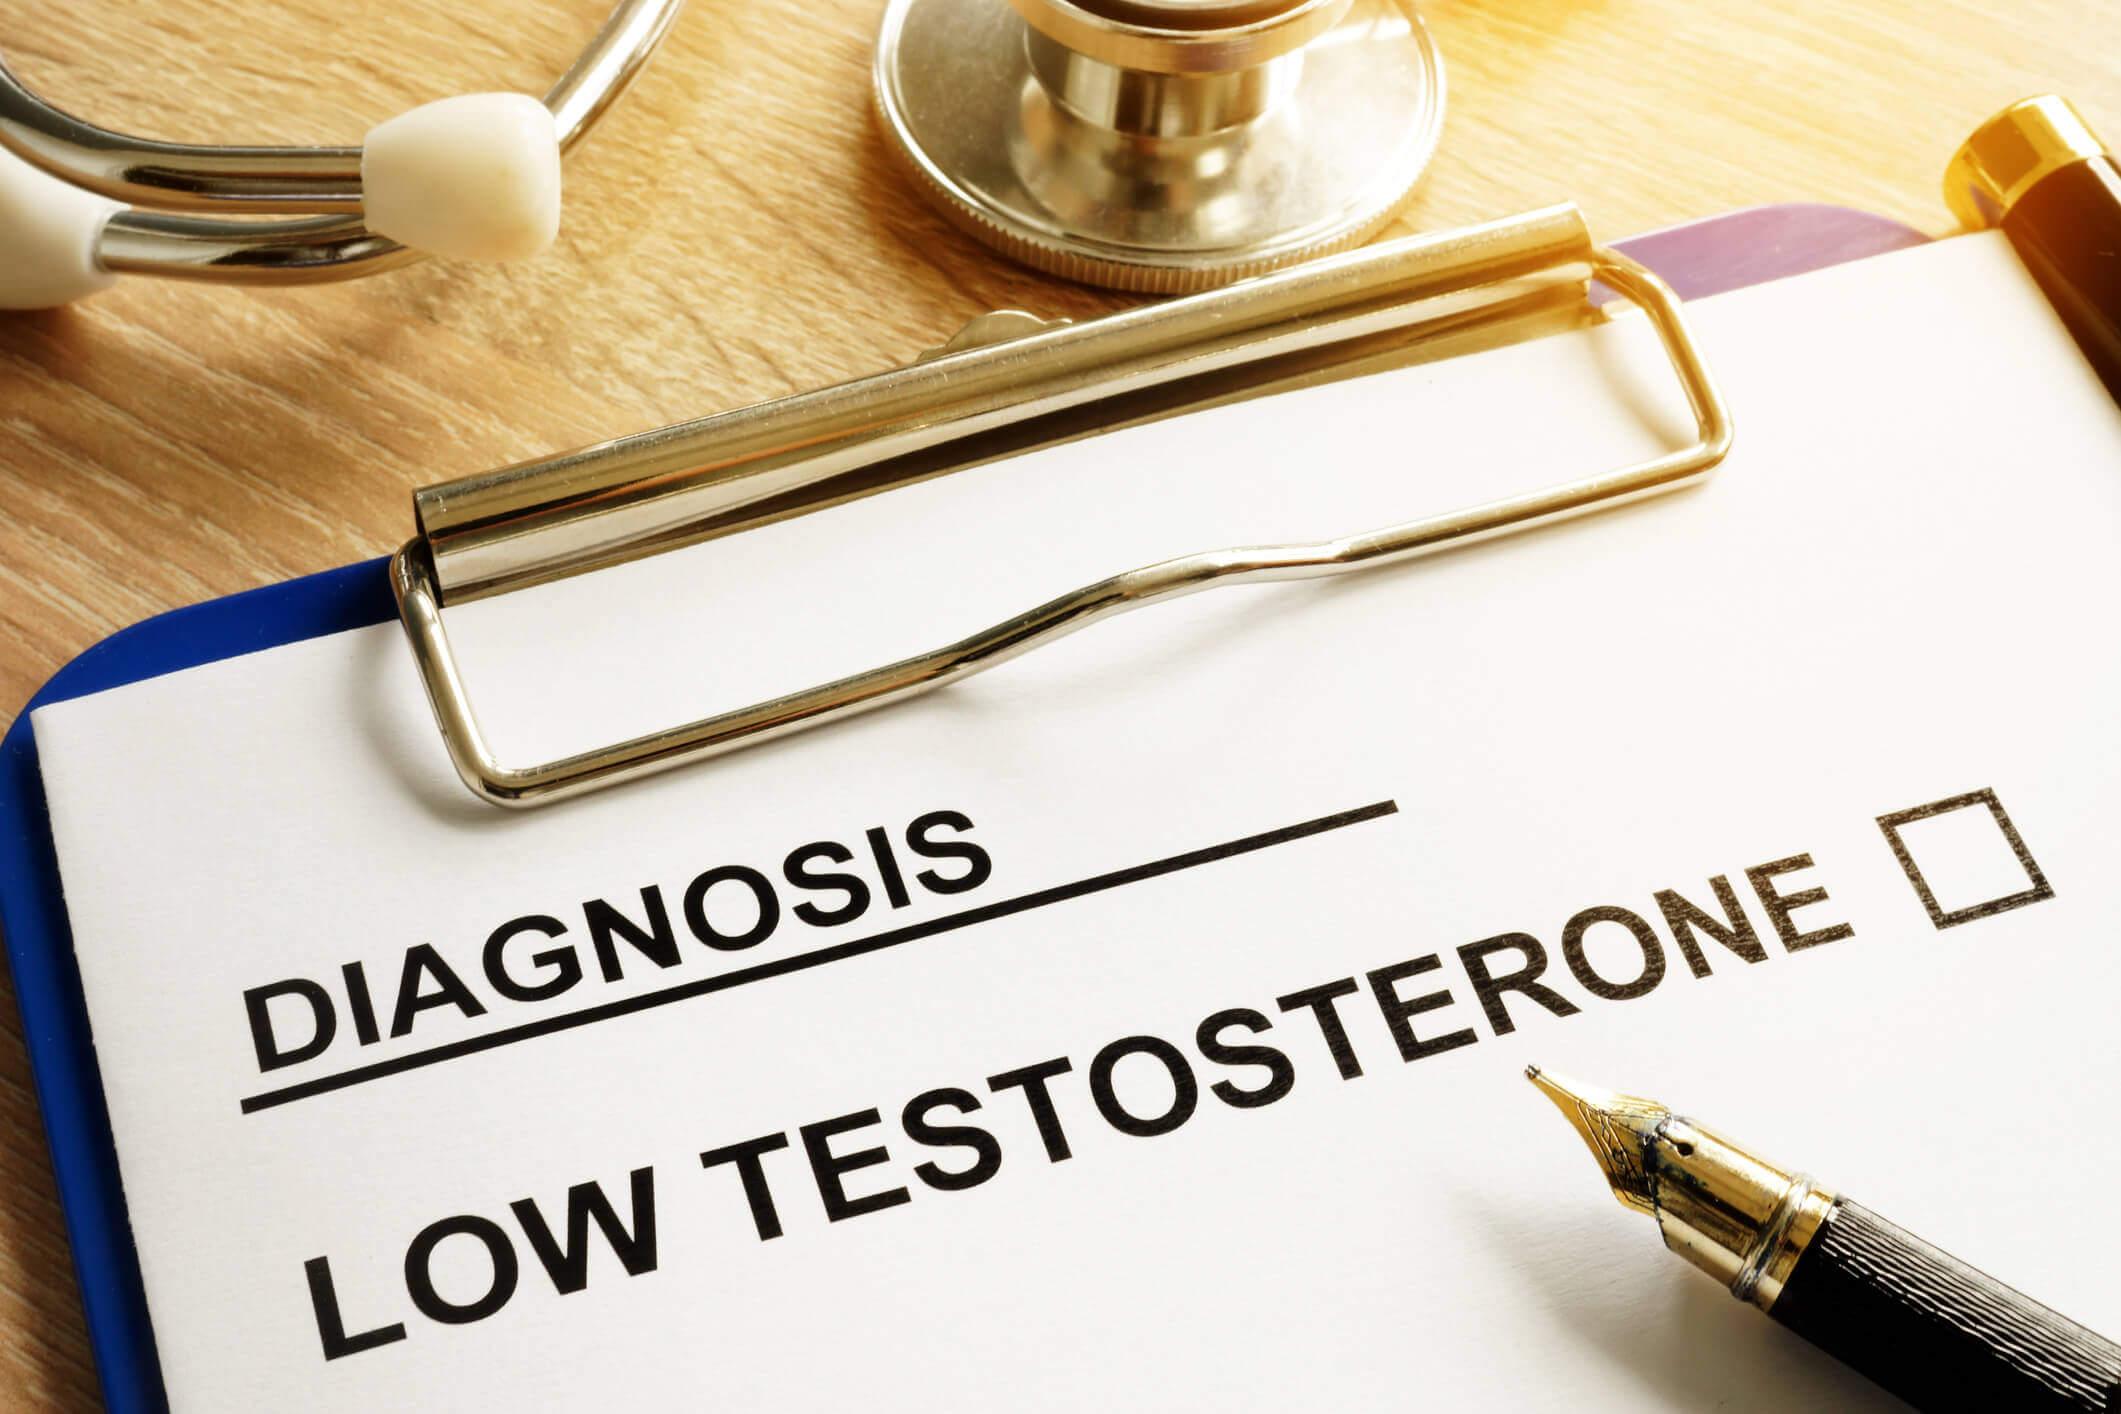 urology-Low-Testosterone